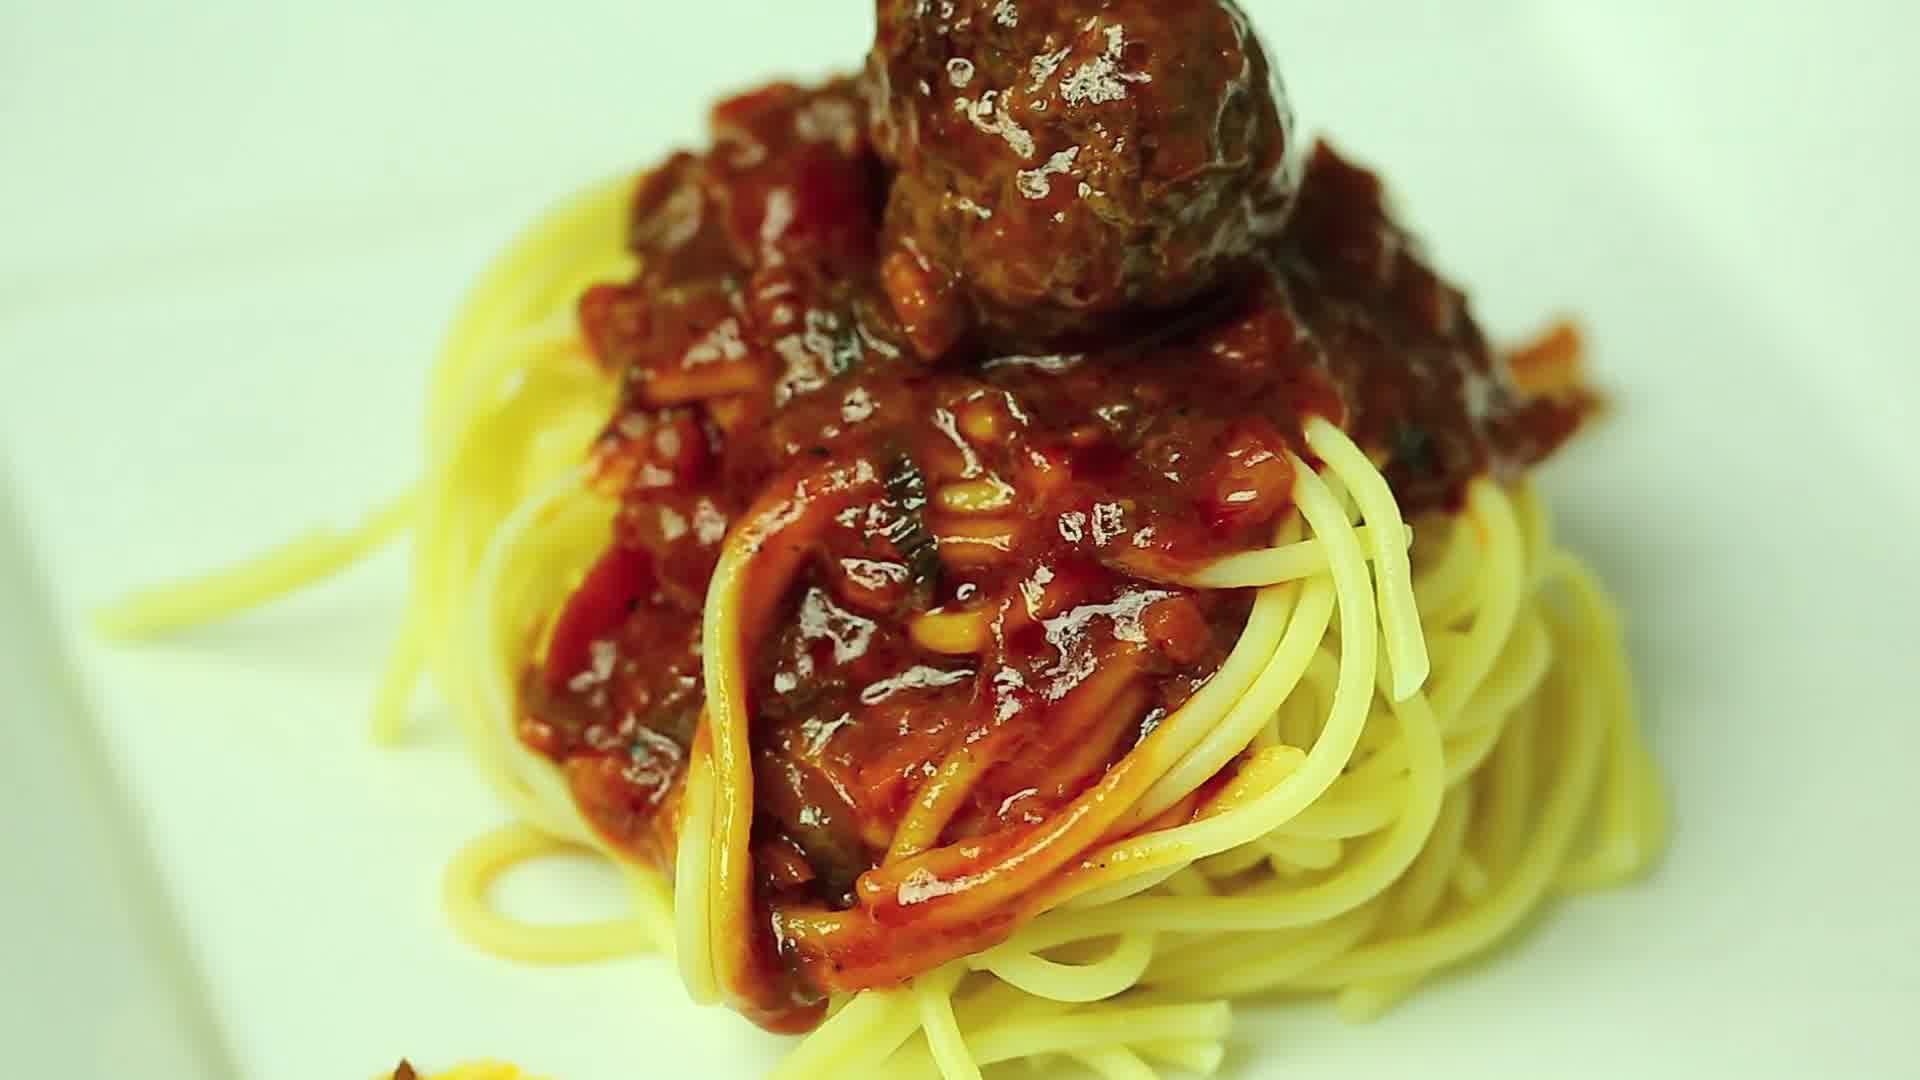 How To Make Homemade Pasta Sauce  2 Easy Ways to Make Homemade Spaghetti Sauce wikiHow